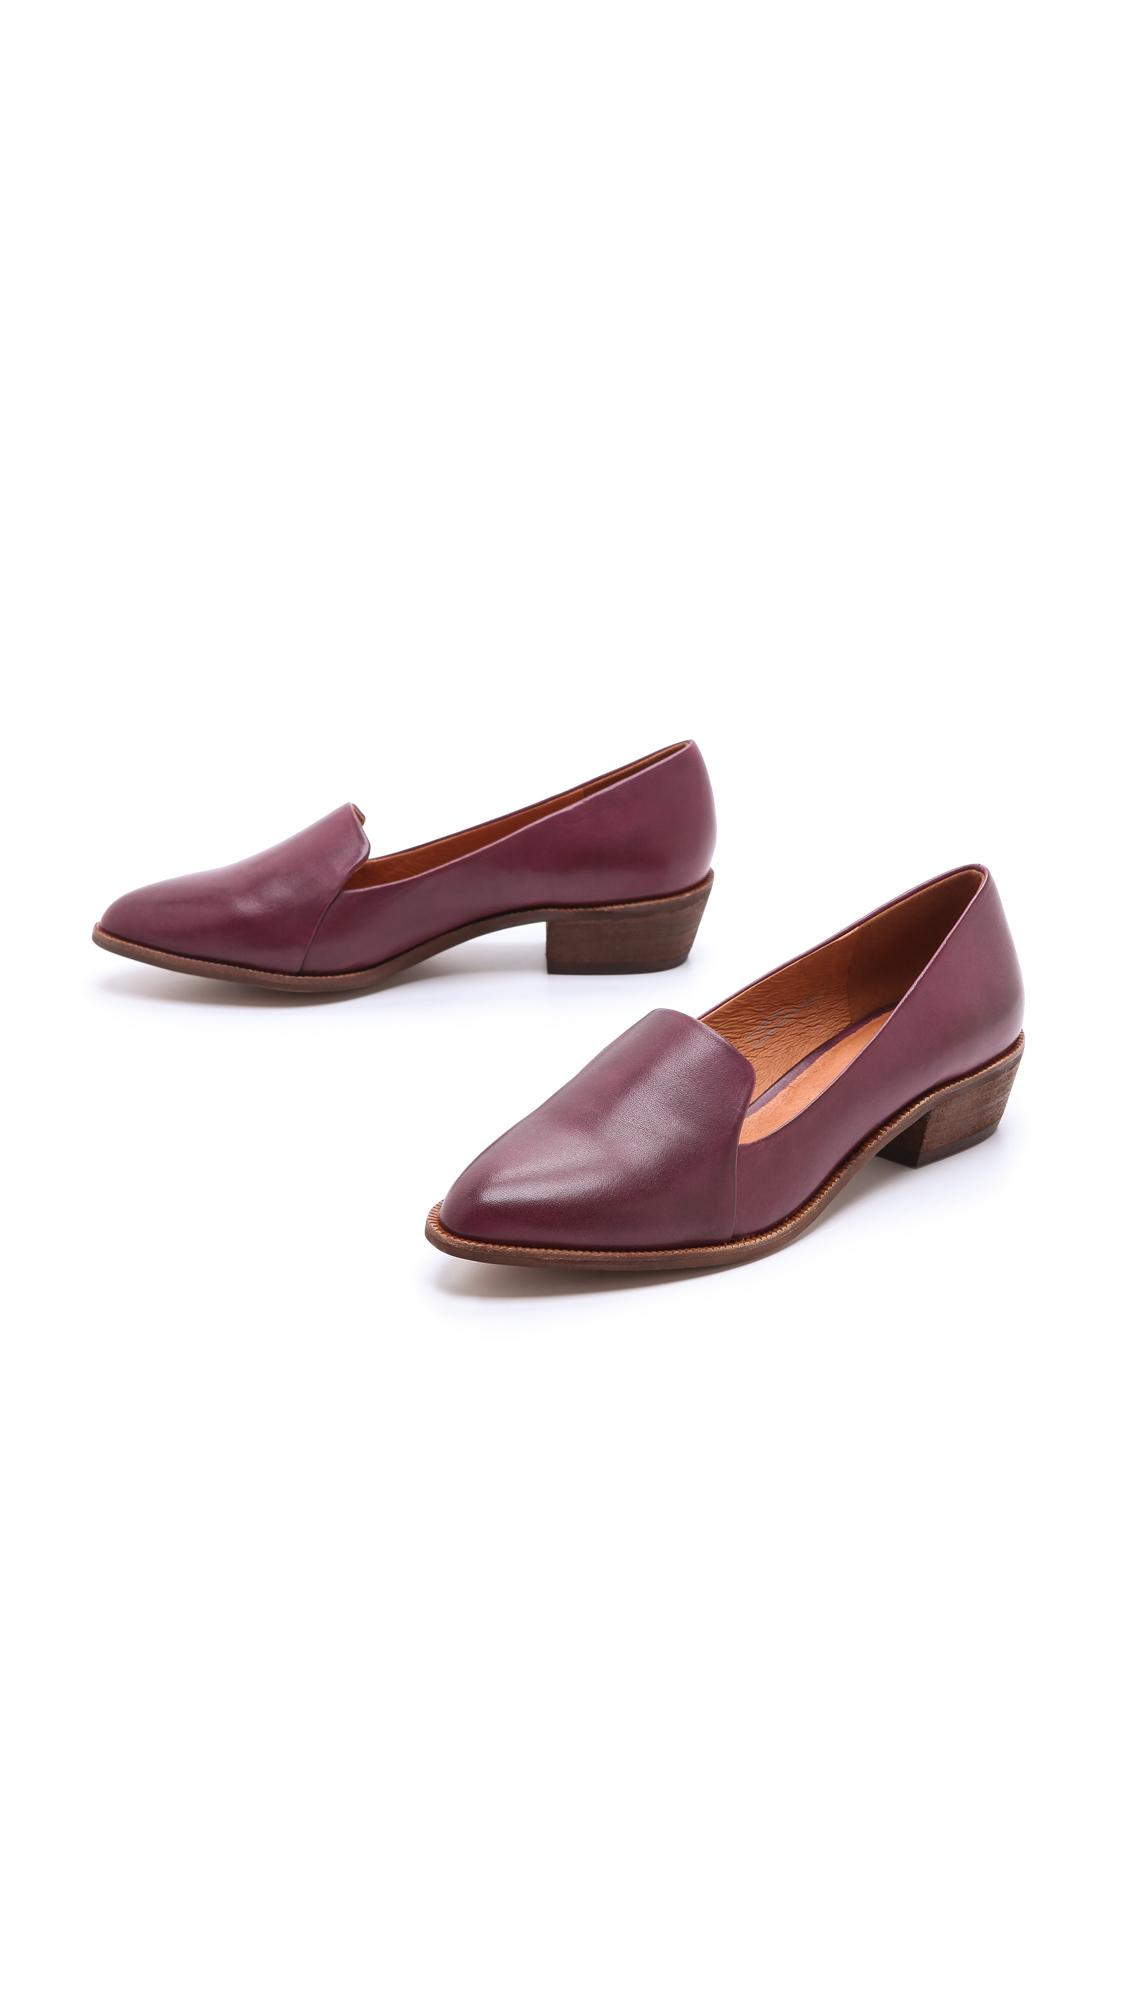 70c970fb5cc Madewell Mini Heel Loafers